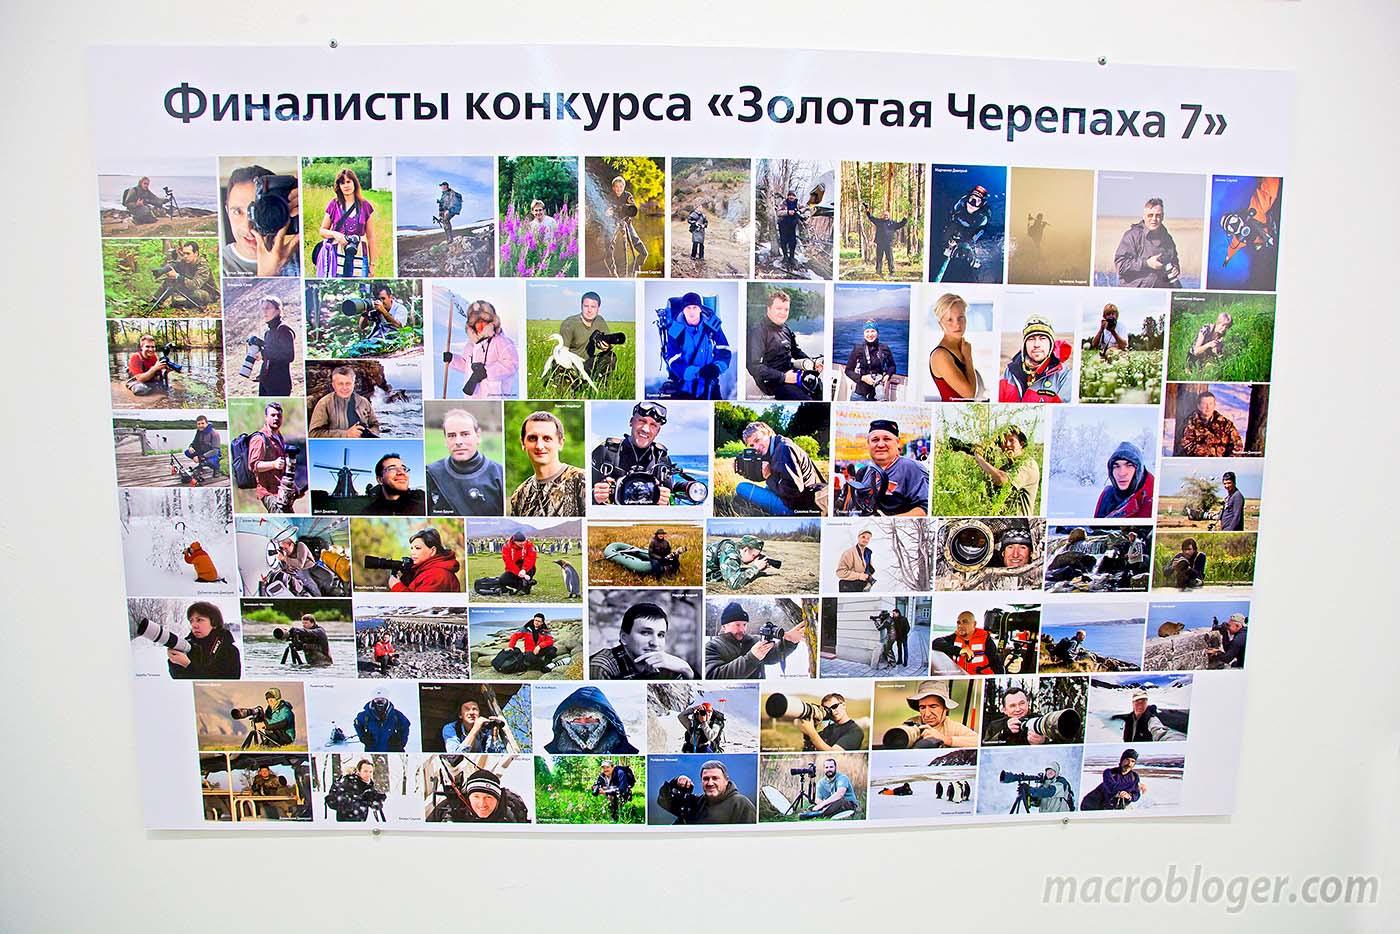 Золотая Черепаха 2012 (финалисты)